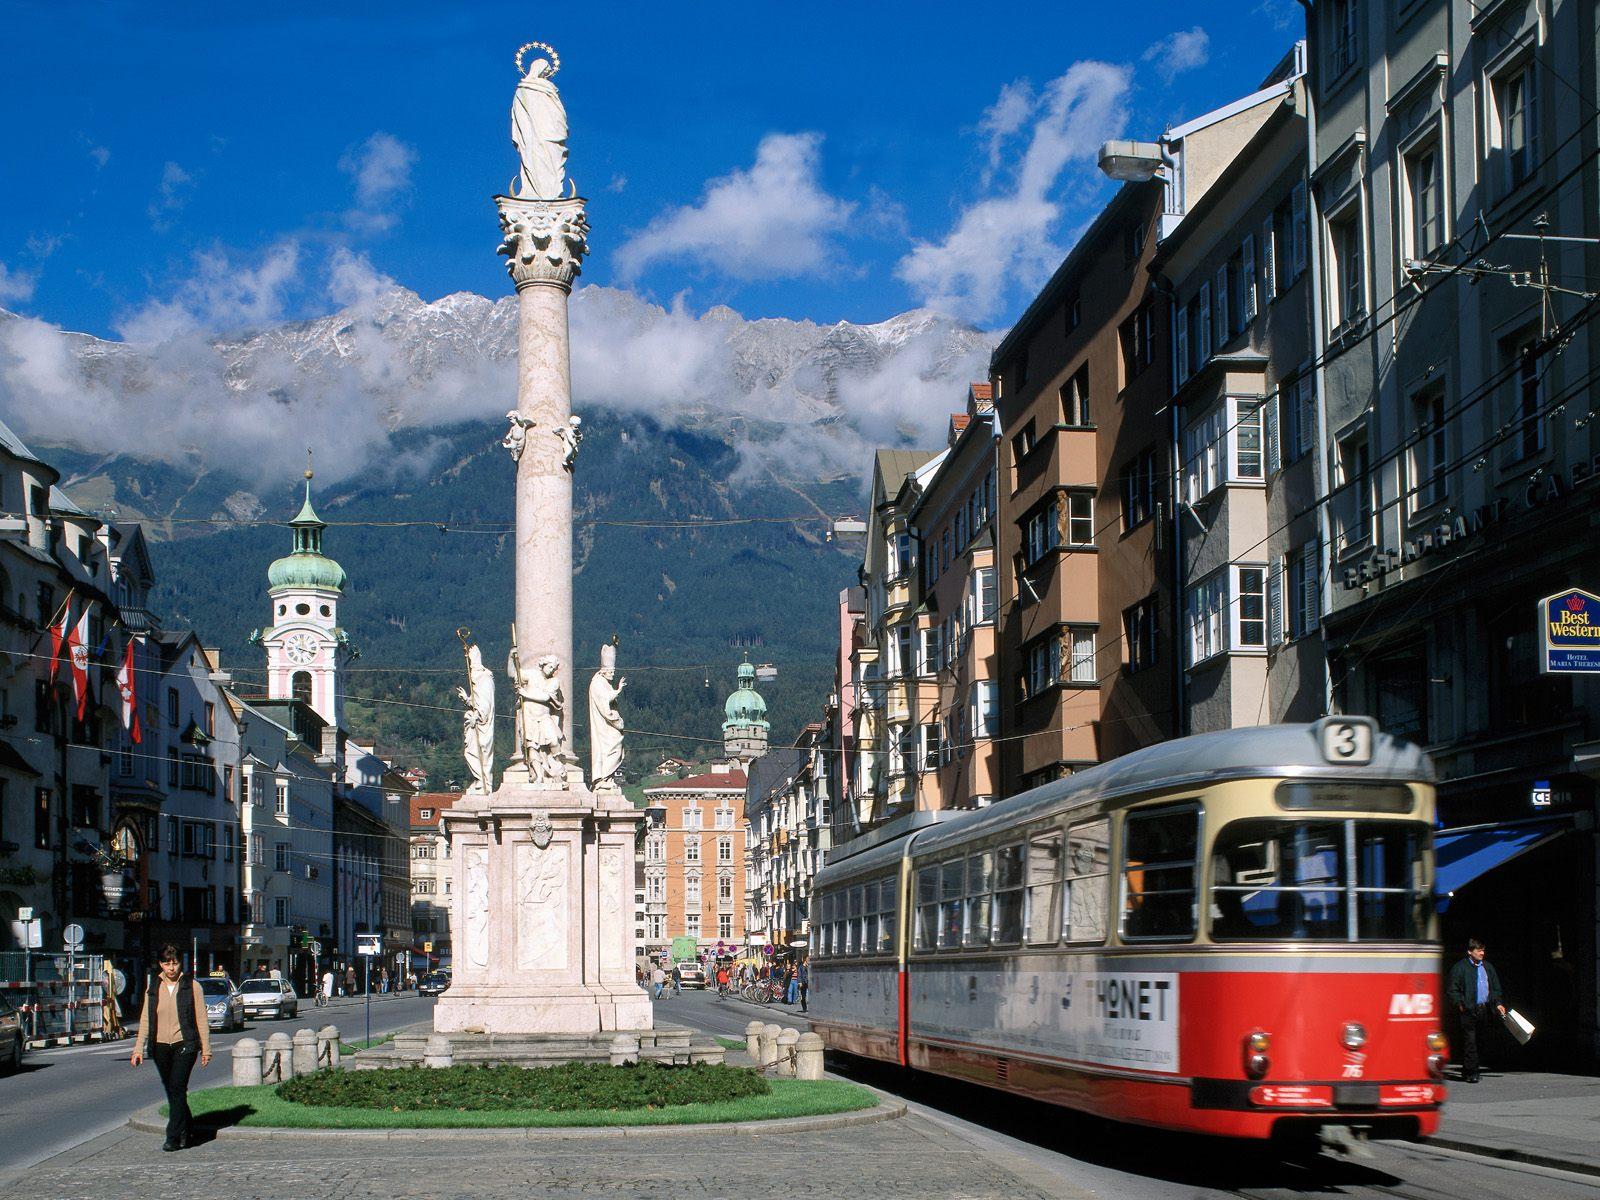 Инсбрук, Австрия, улица бесплатно